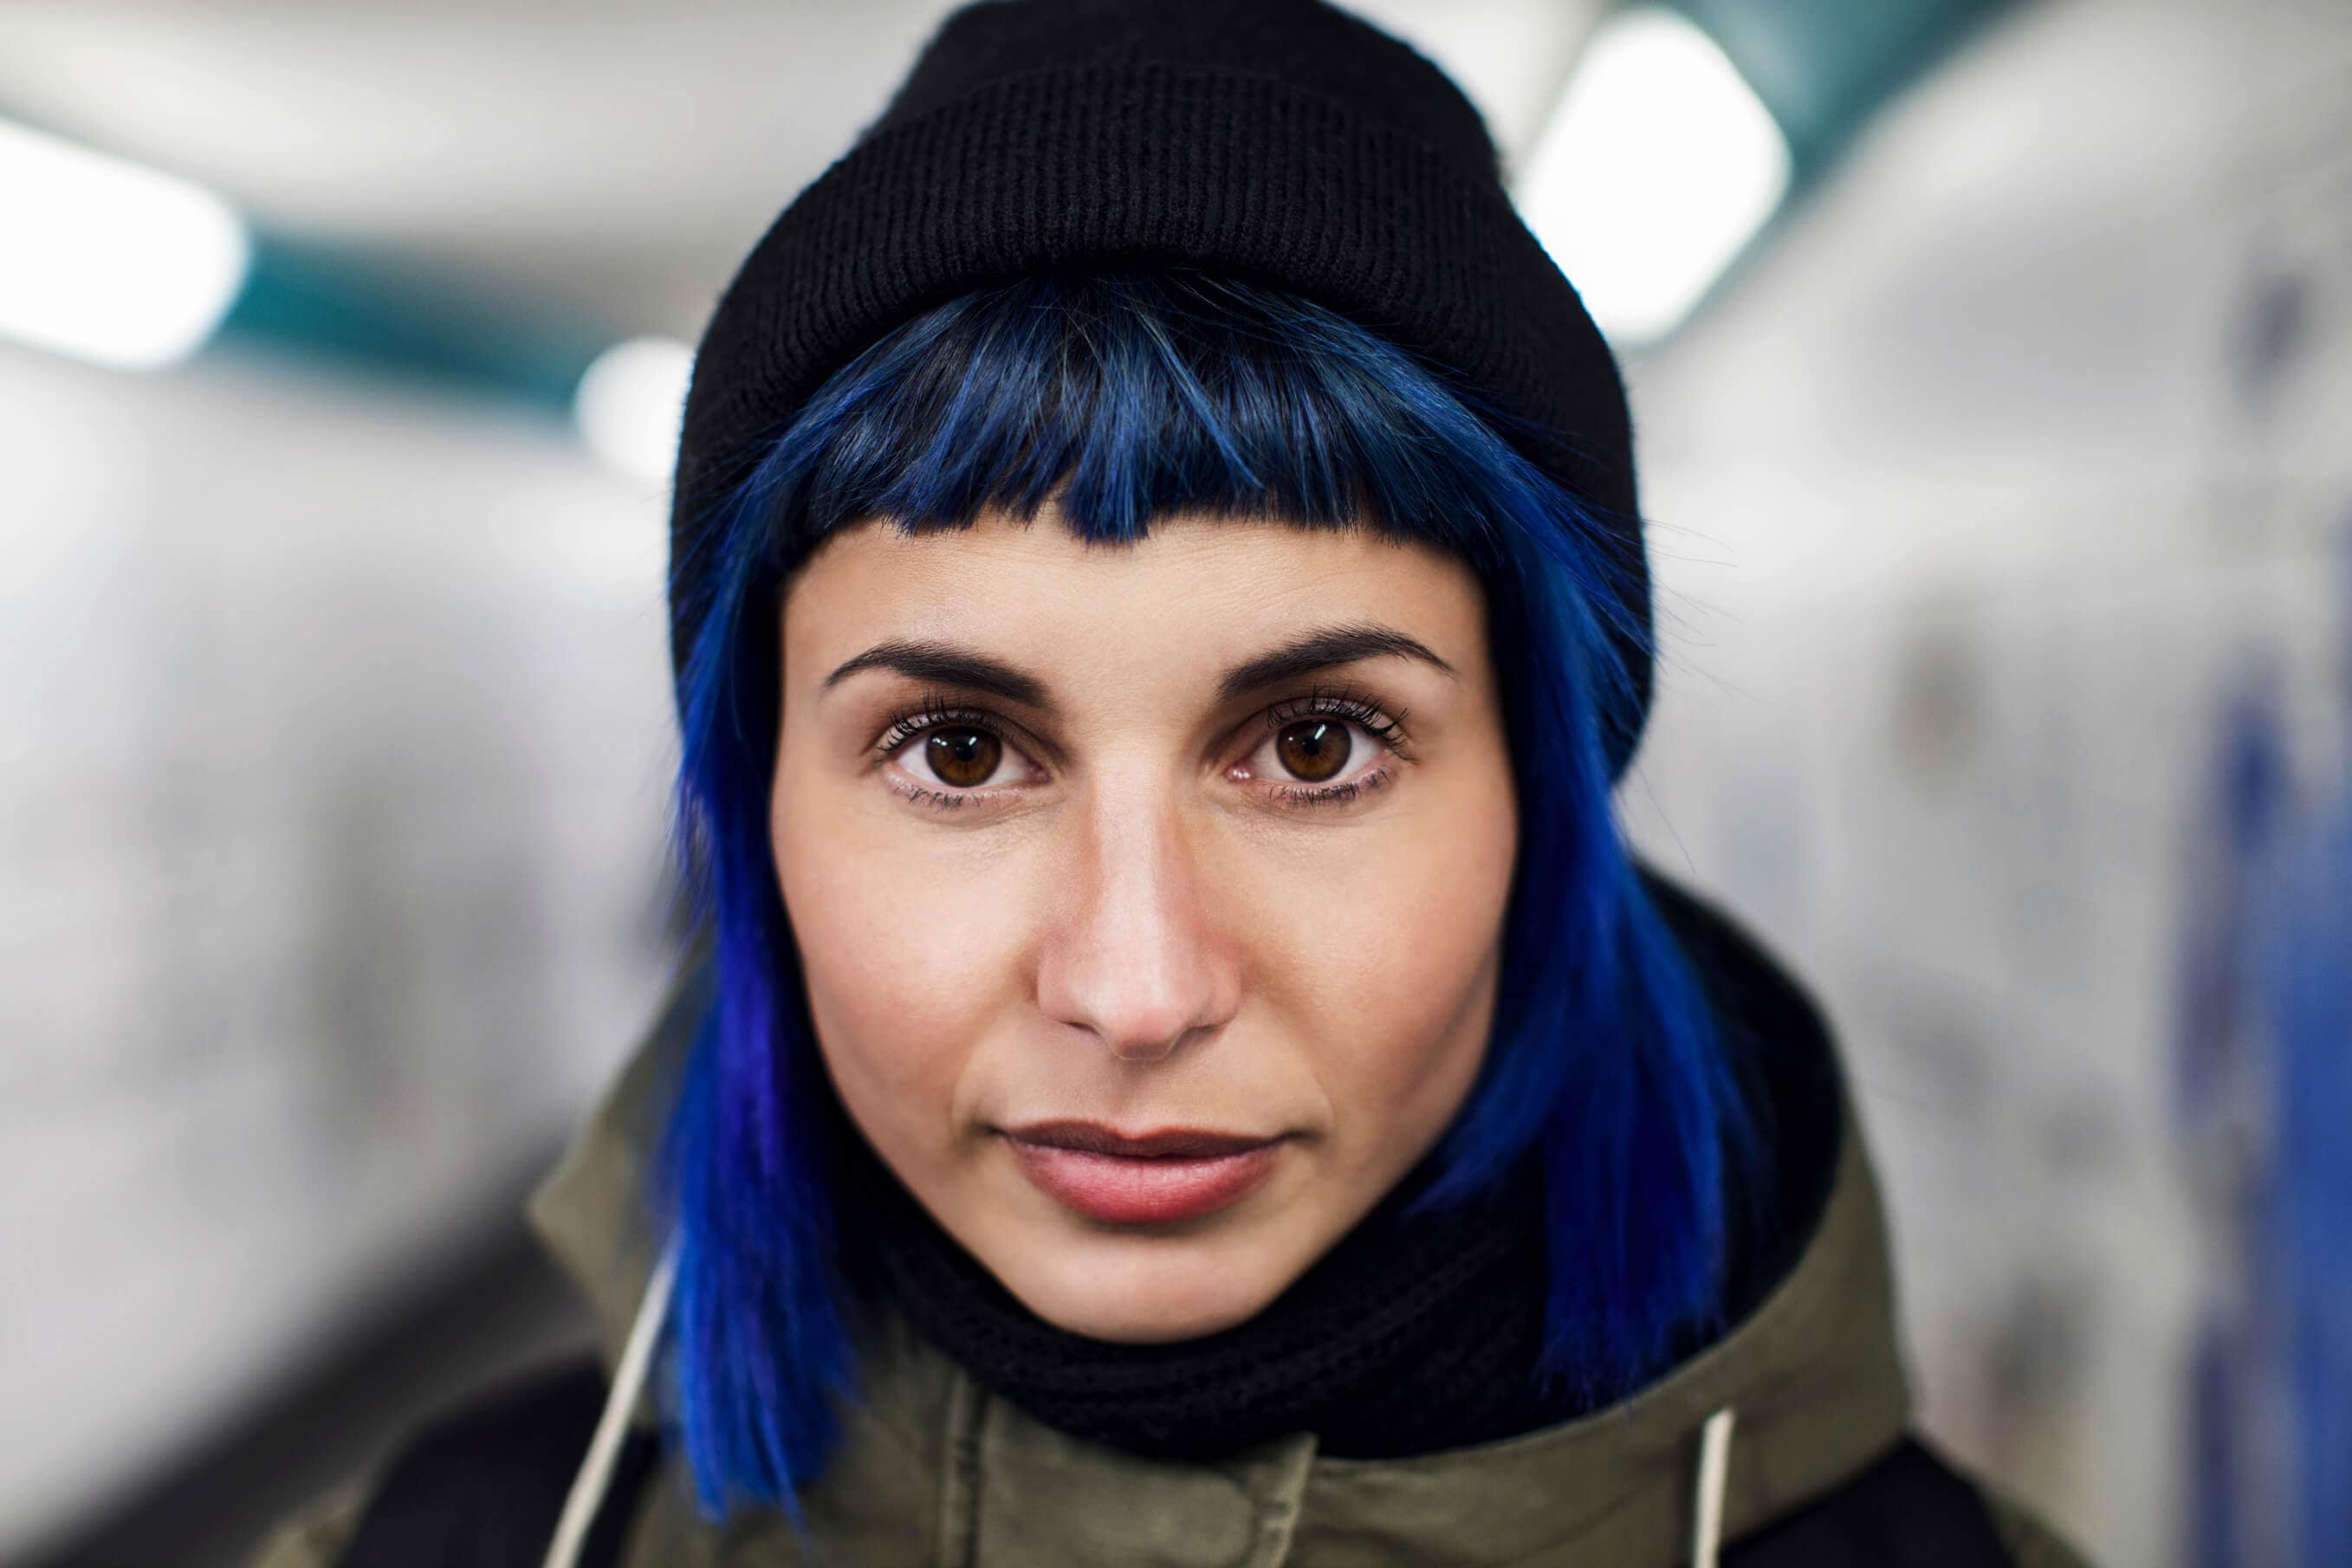 архитектуру прикольные картинки юлька с синими волосами большая